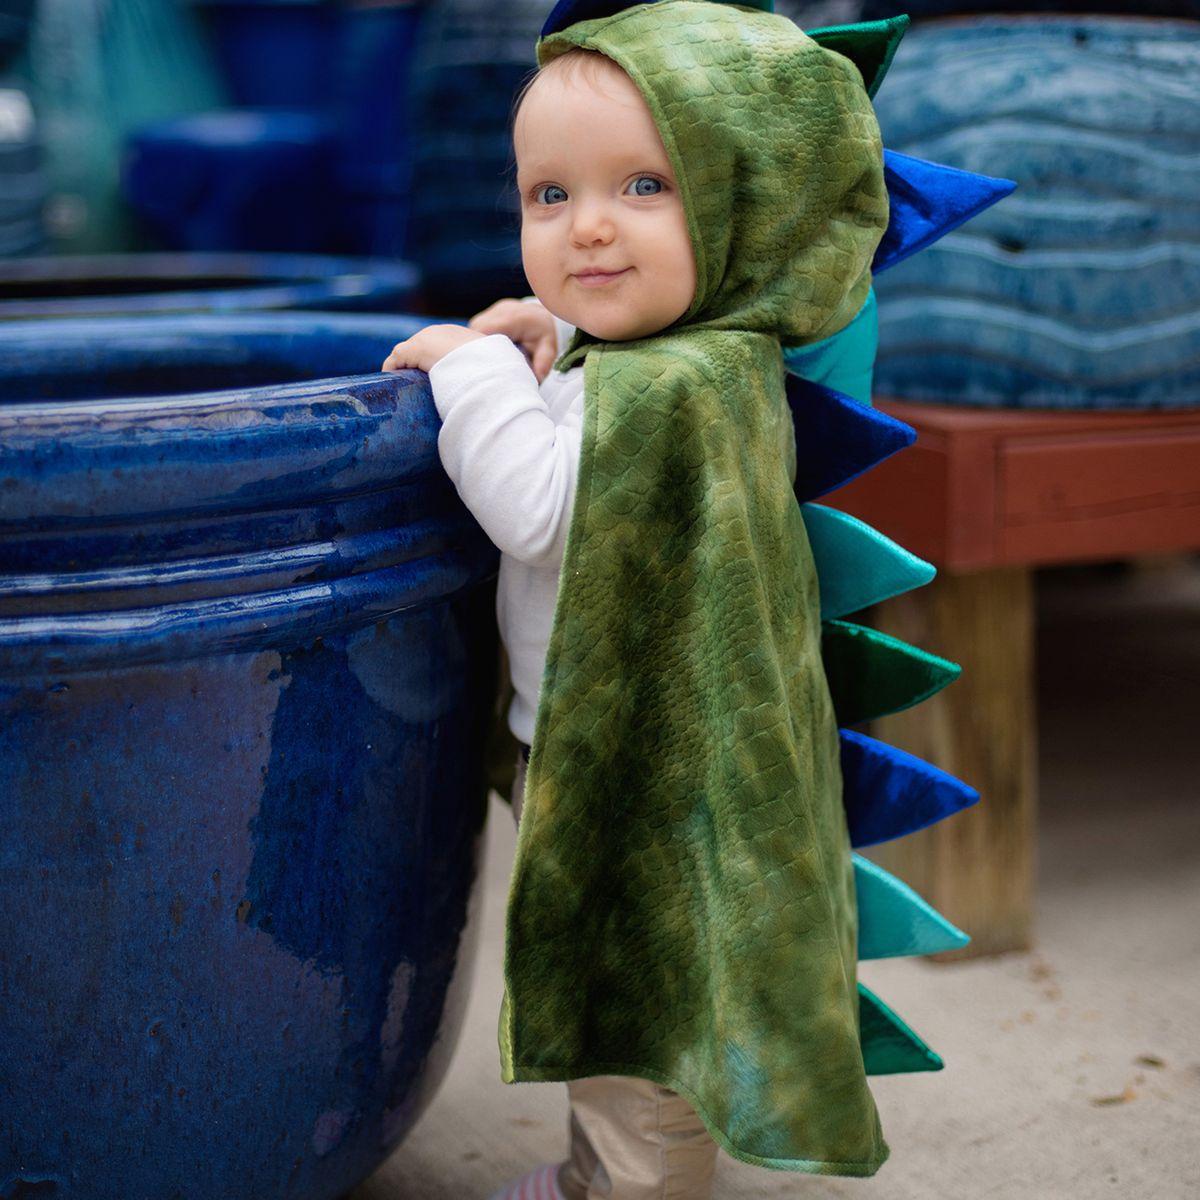 Drachen Kostüm Anton für Kinder 1-2 Jahre Kleinkind grün Dino Saurier Krokodil Fasching Karneval Mottoparty